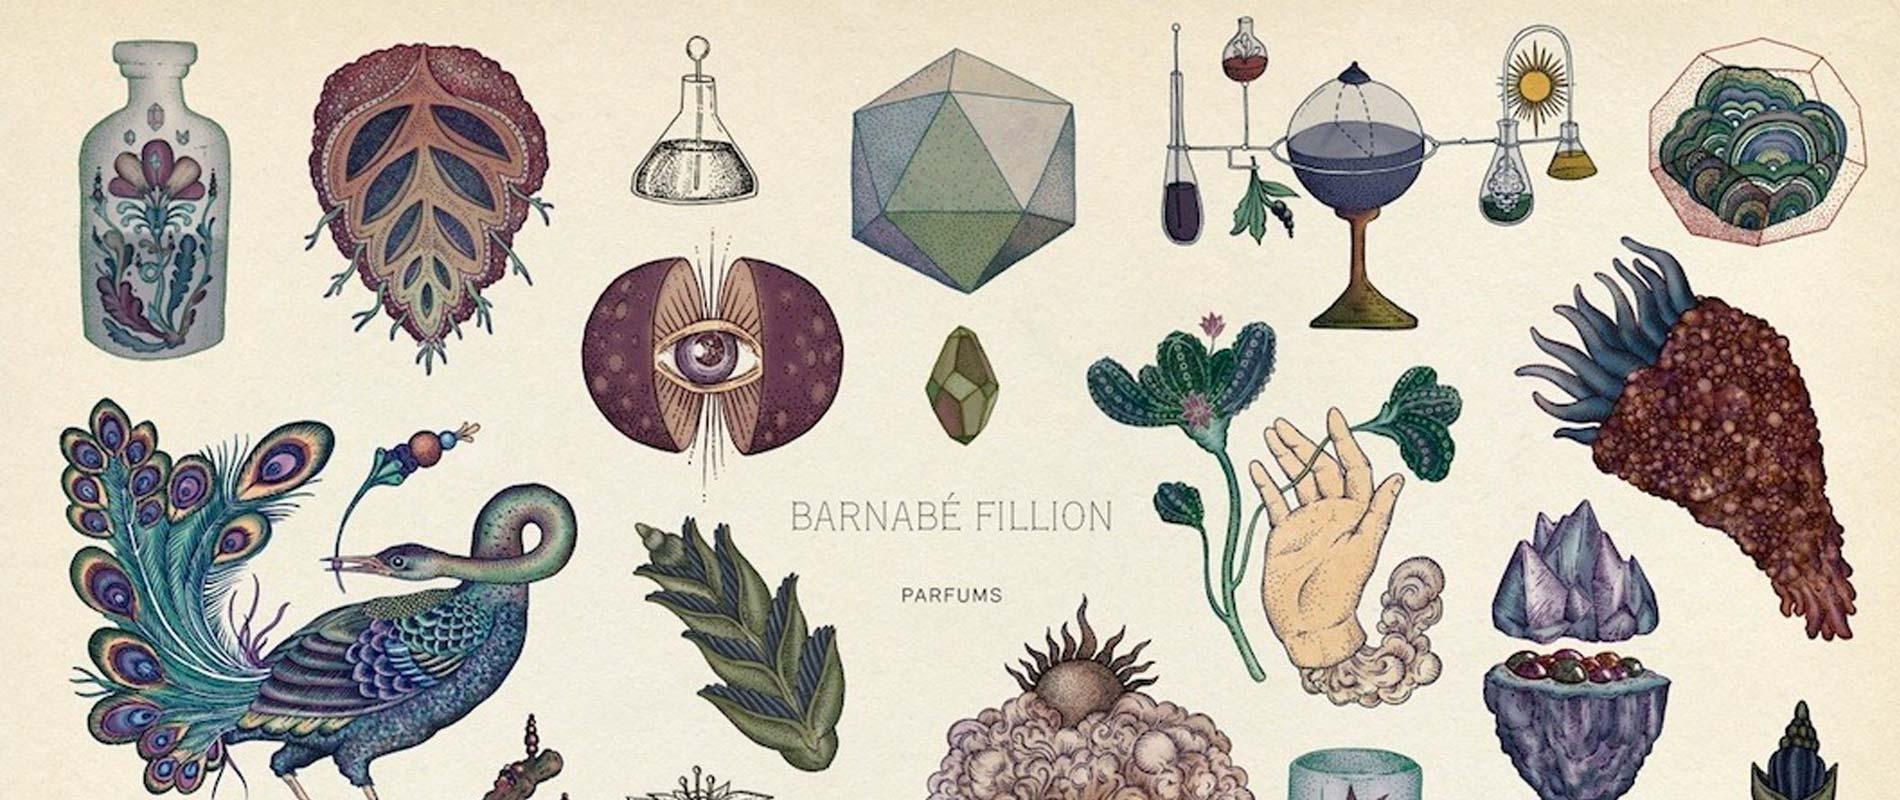 Barnabé Fillion